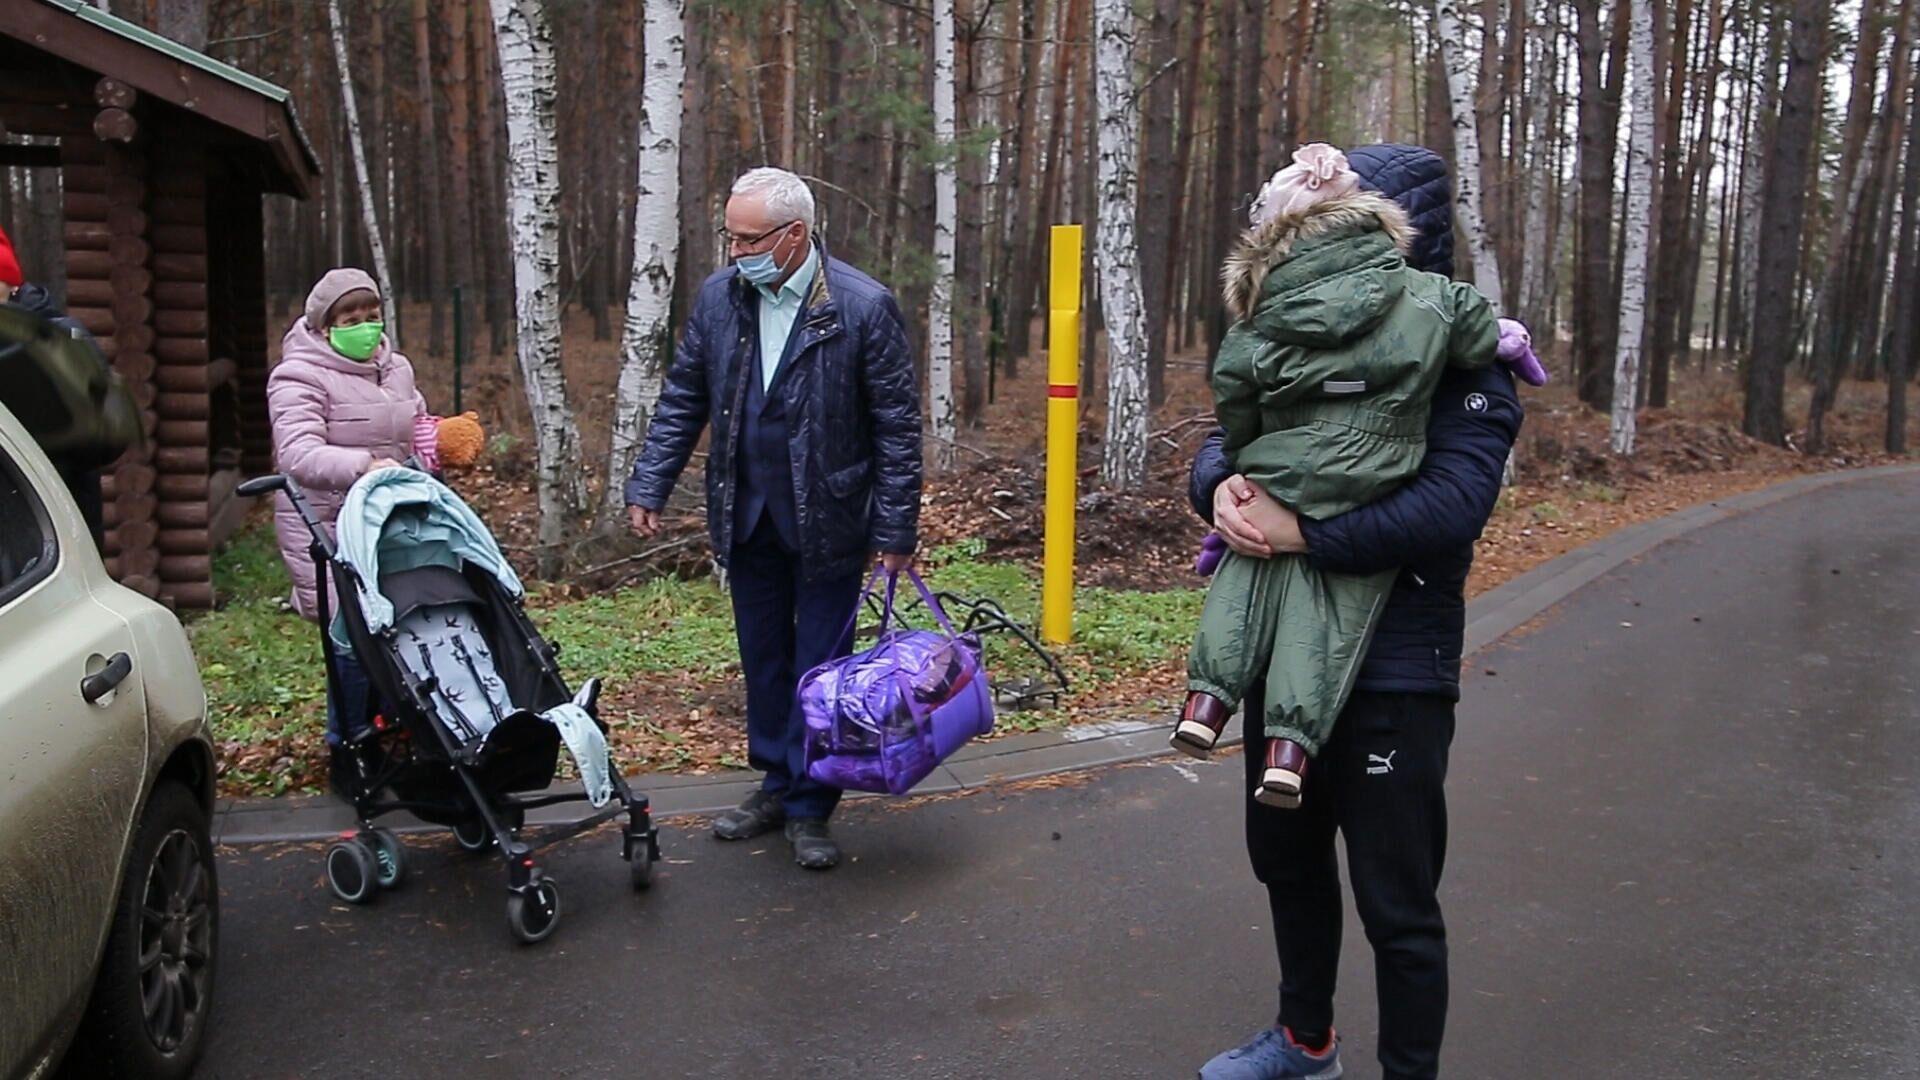 Валерий Евстигнеев, руководитель центра помощи детям Радуга, основатель хосписа для детей Дом радужного детства в Омске - РИА Новости, 1920, 25.11.2020